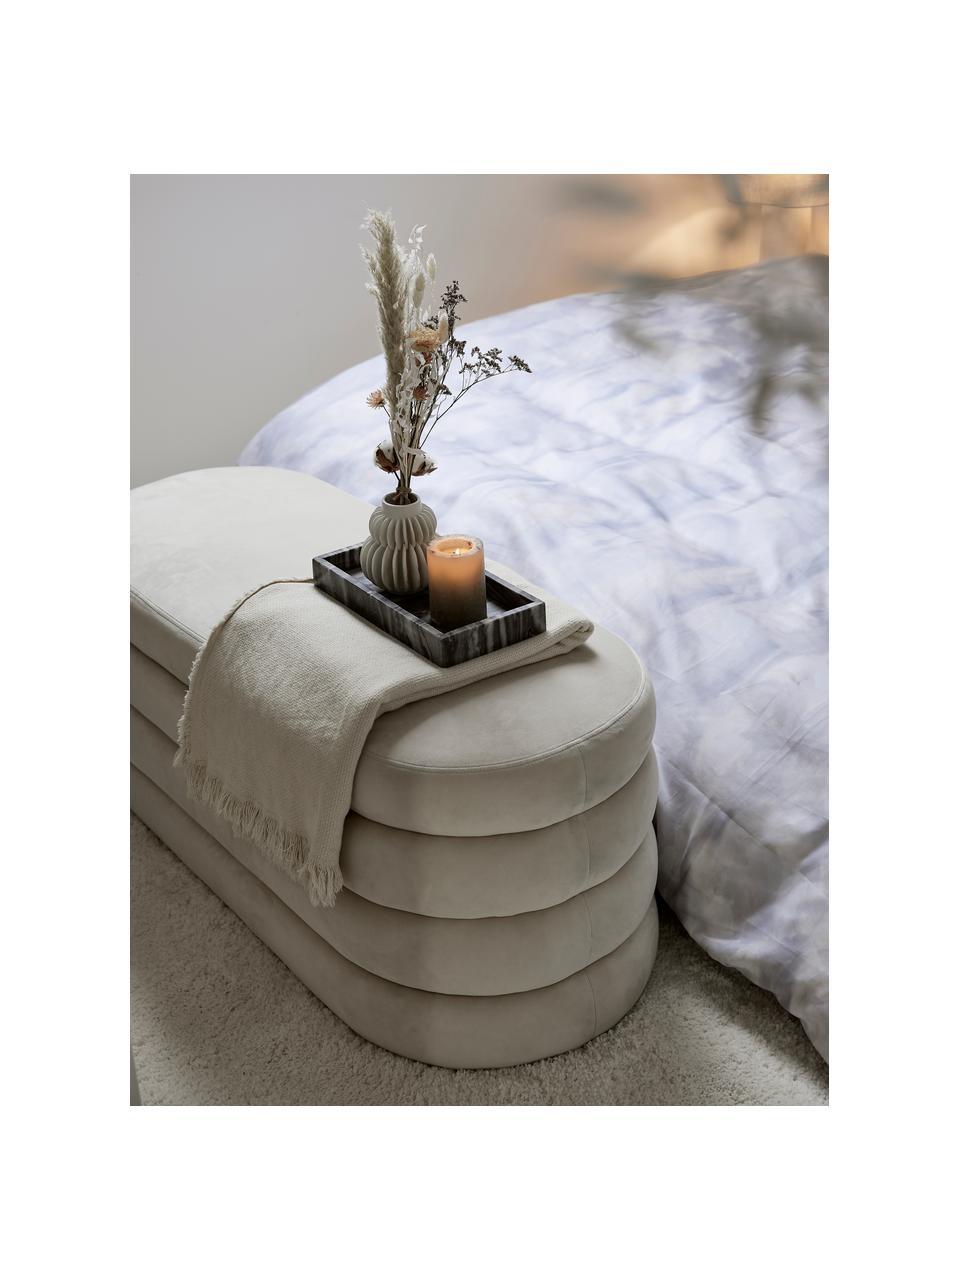 Panca imbottita in velluto bianco crema Alto, Rivestimento: velluto (poliestere) Il r, Struttura: legno di pino massiccio, , Velluto bianco crema, Larg. 110 x Alt. 47 cm